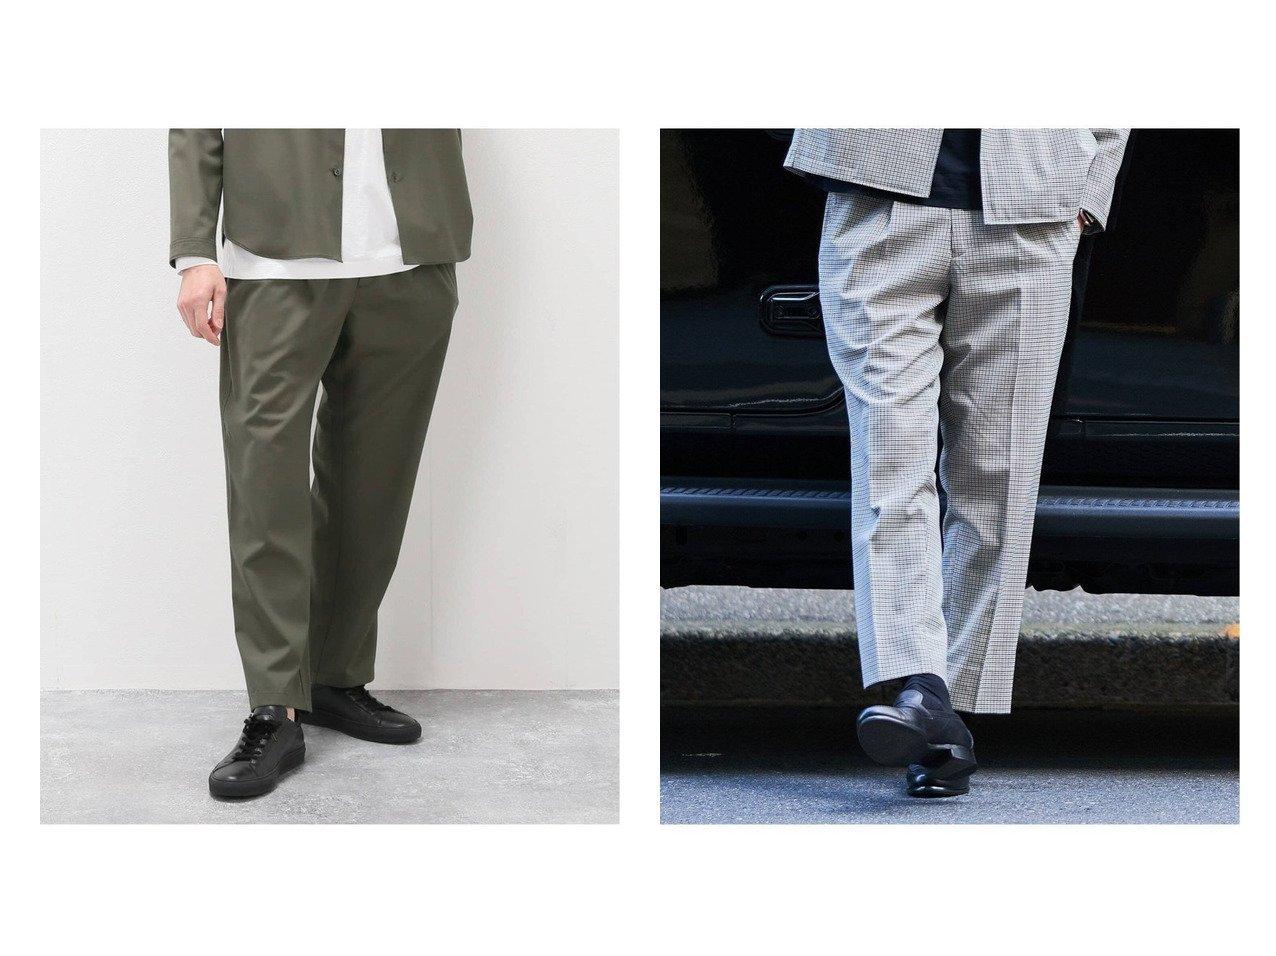 【EDIFICE / MEN/エディフィス】の【BEGIN掲載】SOLOTEX Easy Pants&【BEGIN掲載】SOLOTEX CHECK イージーパンツ ファッション雑誌掲載 おすすめ!人気トレンド・男性、メンズファッションの通販 おすすめファッション通販アイテム インテリア・キッズ・メンズ・レディースファッション・服の通販 founy(ファニー)  ファッション Fashion メンズファッション MEN ボトムス Bottoms/Men イタリア ジーンズ ストレッチ テーパード リラックス 軽量 雑誌 シャーリング スラックス チェック バランス フィット グリーン系 Green ベージュ系 Beige  ID:crp329100000037221